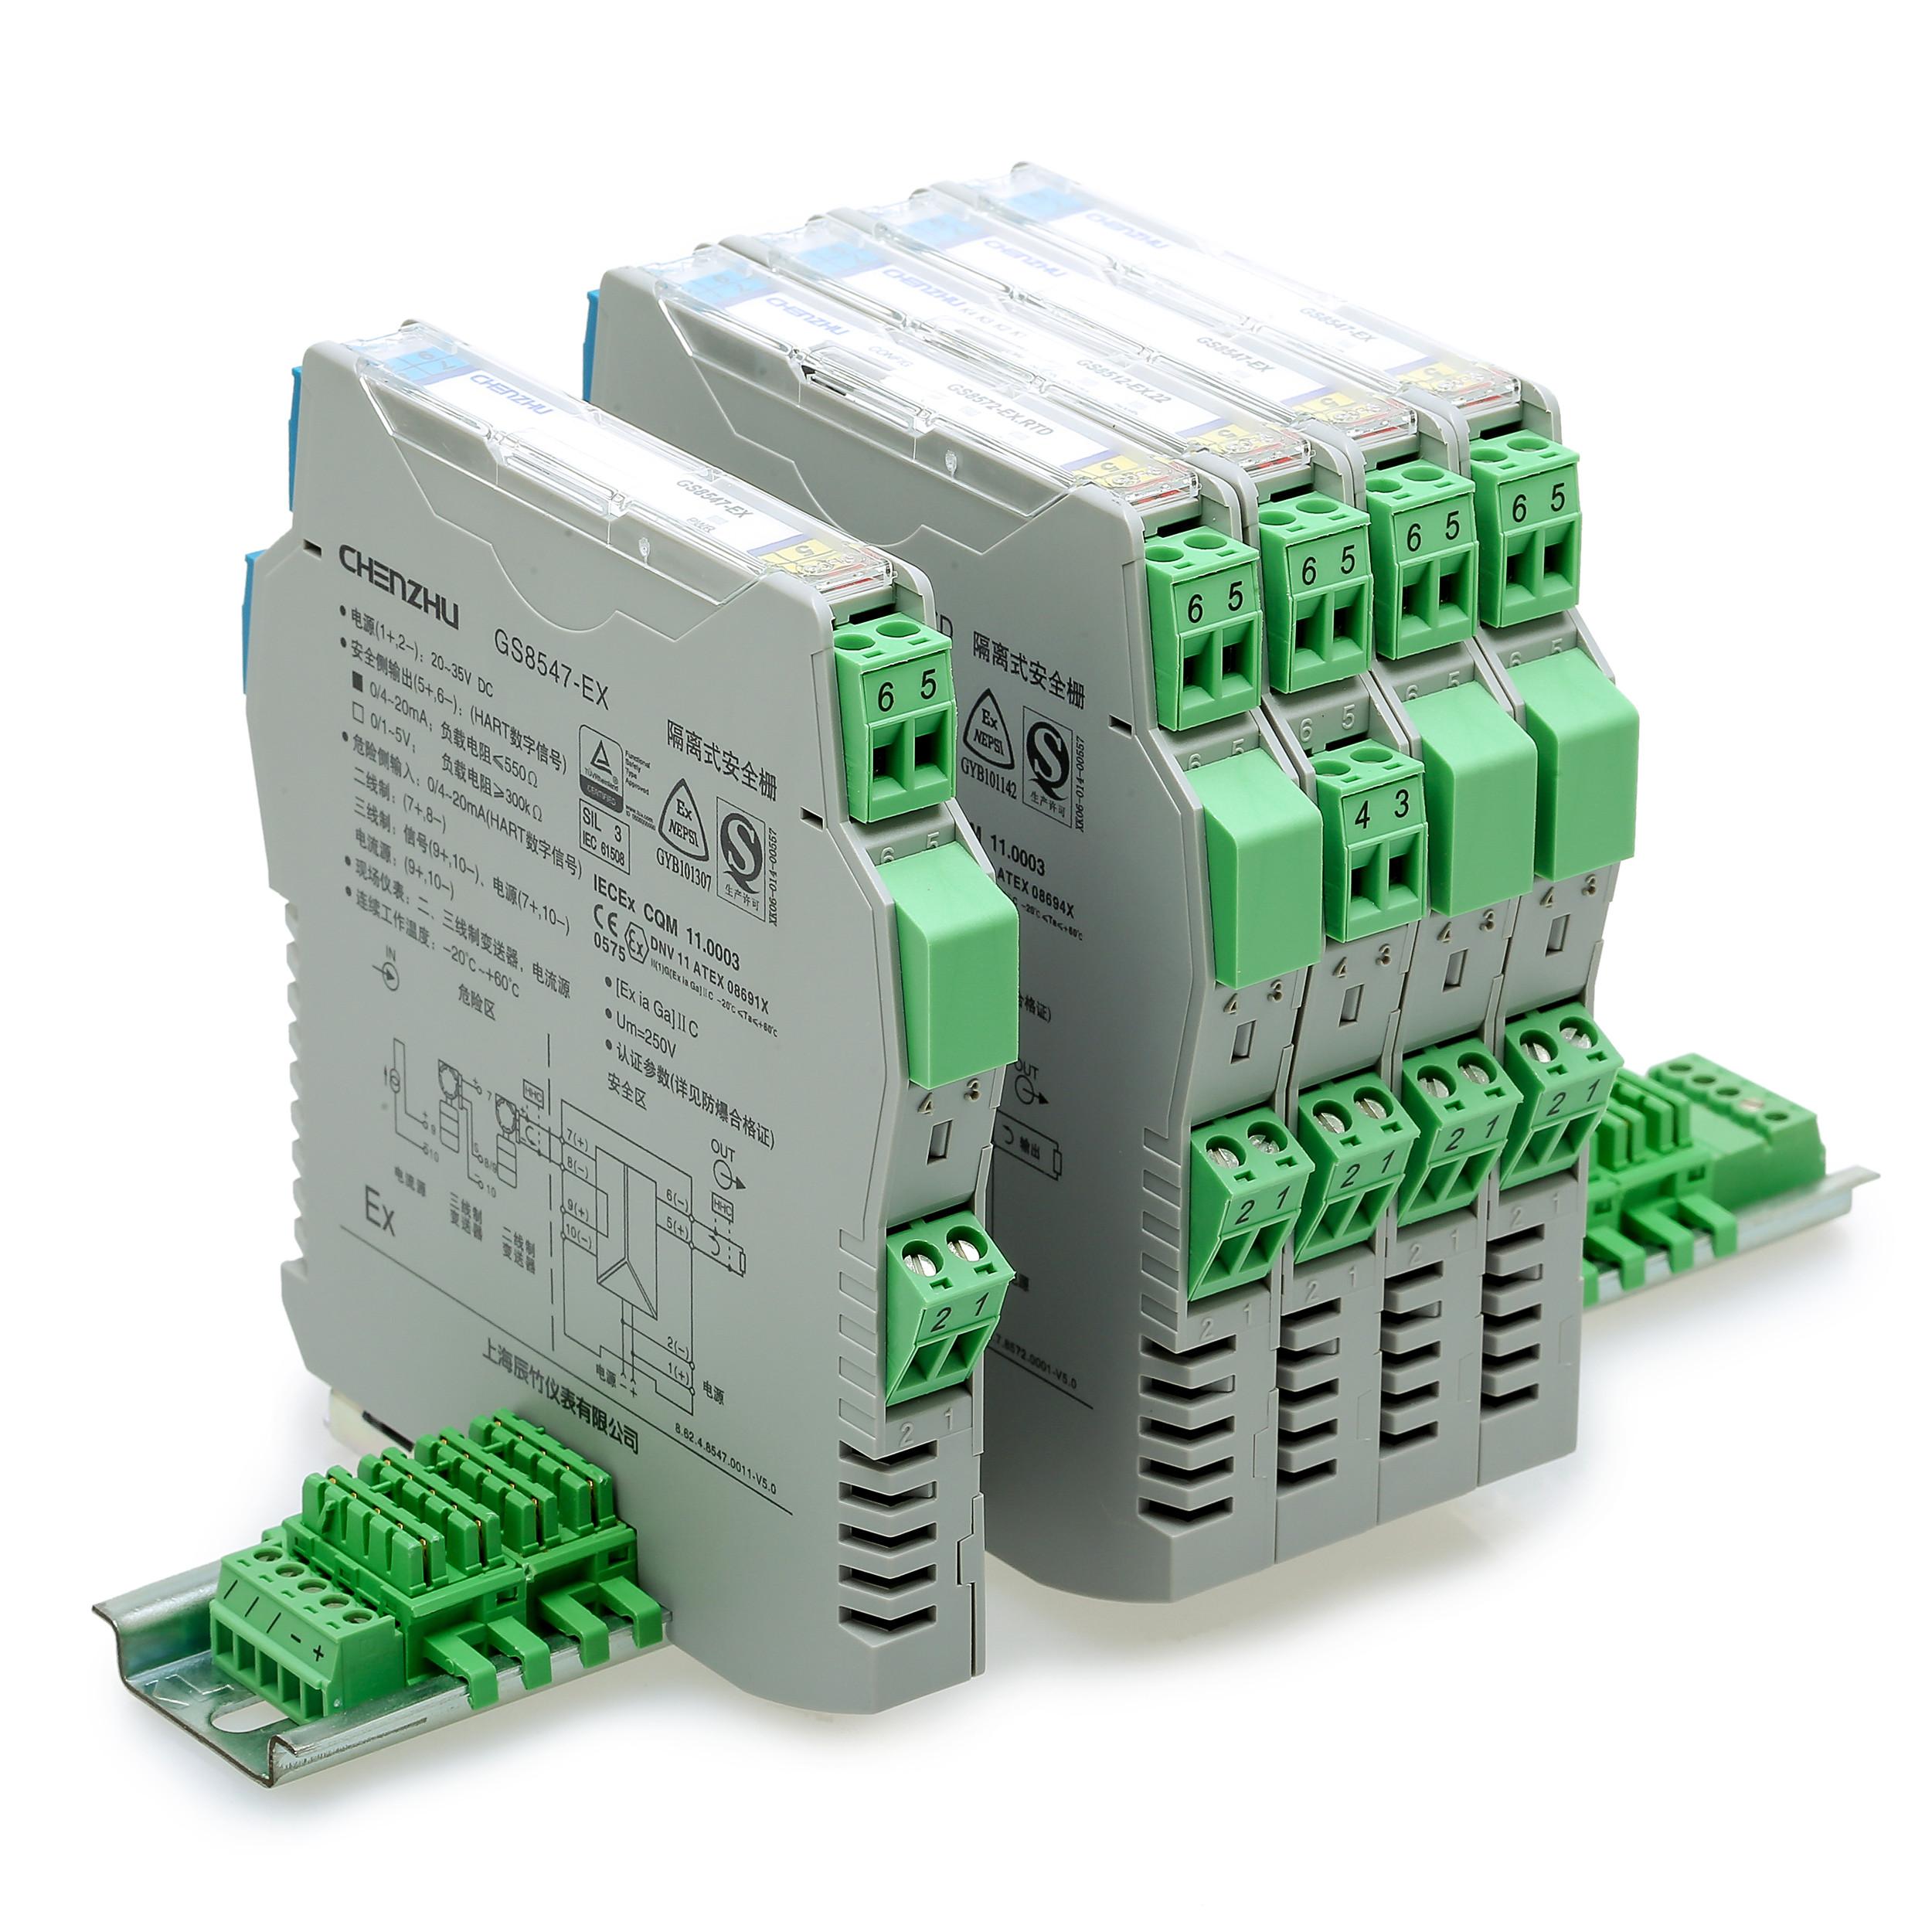 二进二出 开关量输入,继电器输出隔离式安全栅